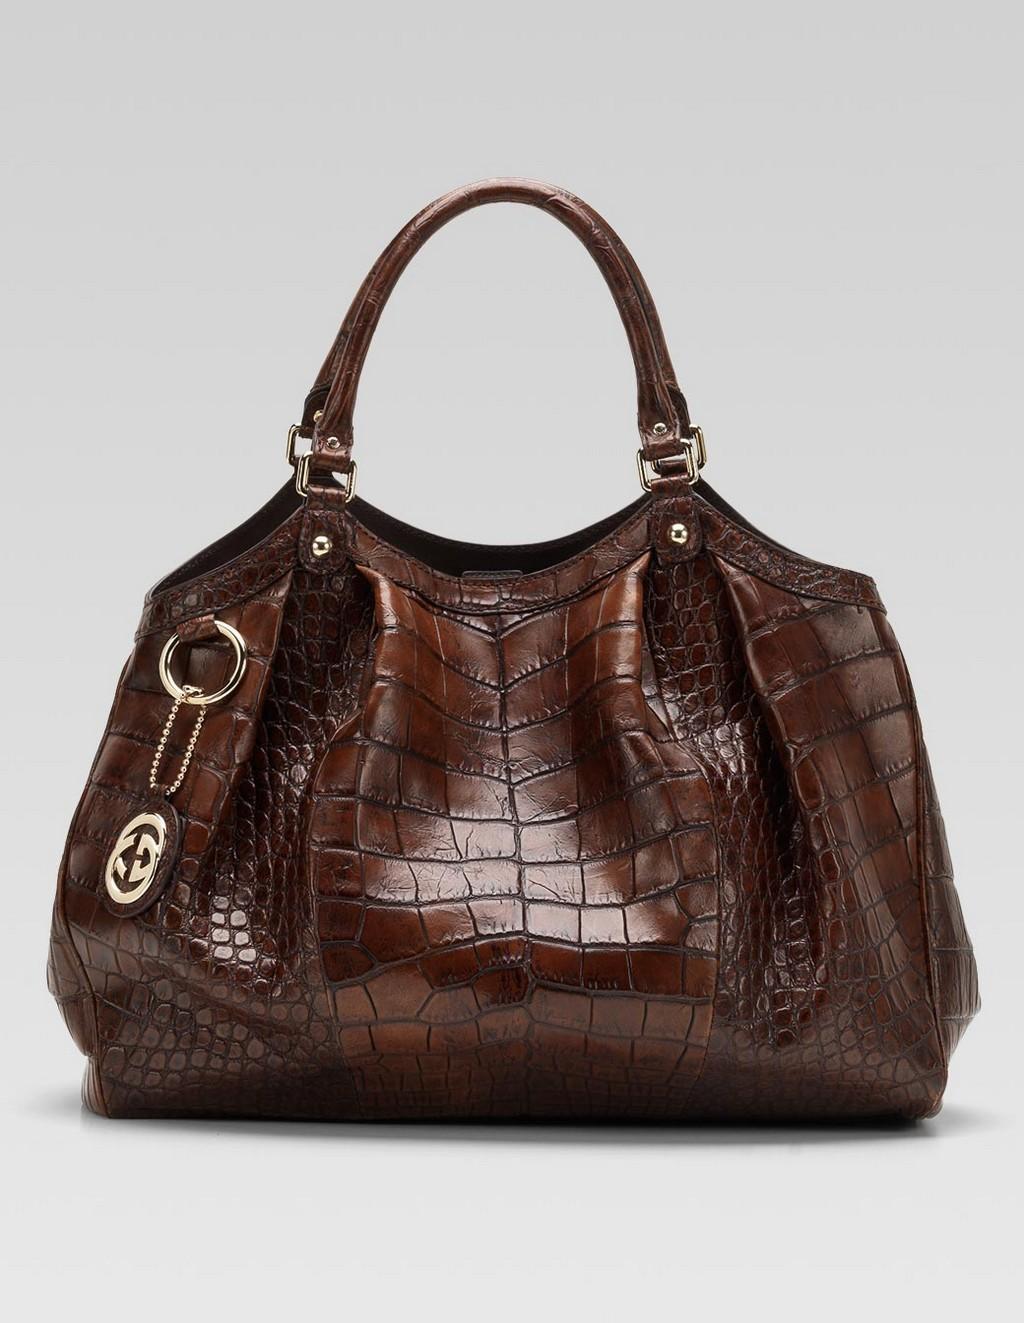 unique handbag purple designer handbag juicy couture handbag carolina herrera handbag